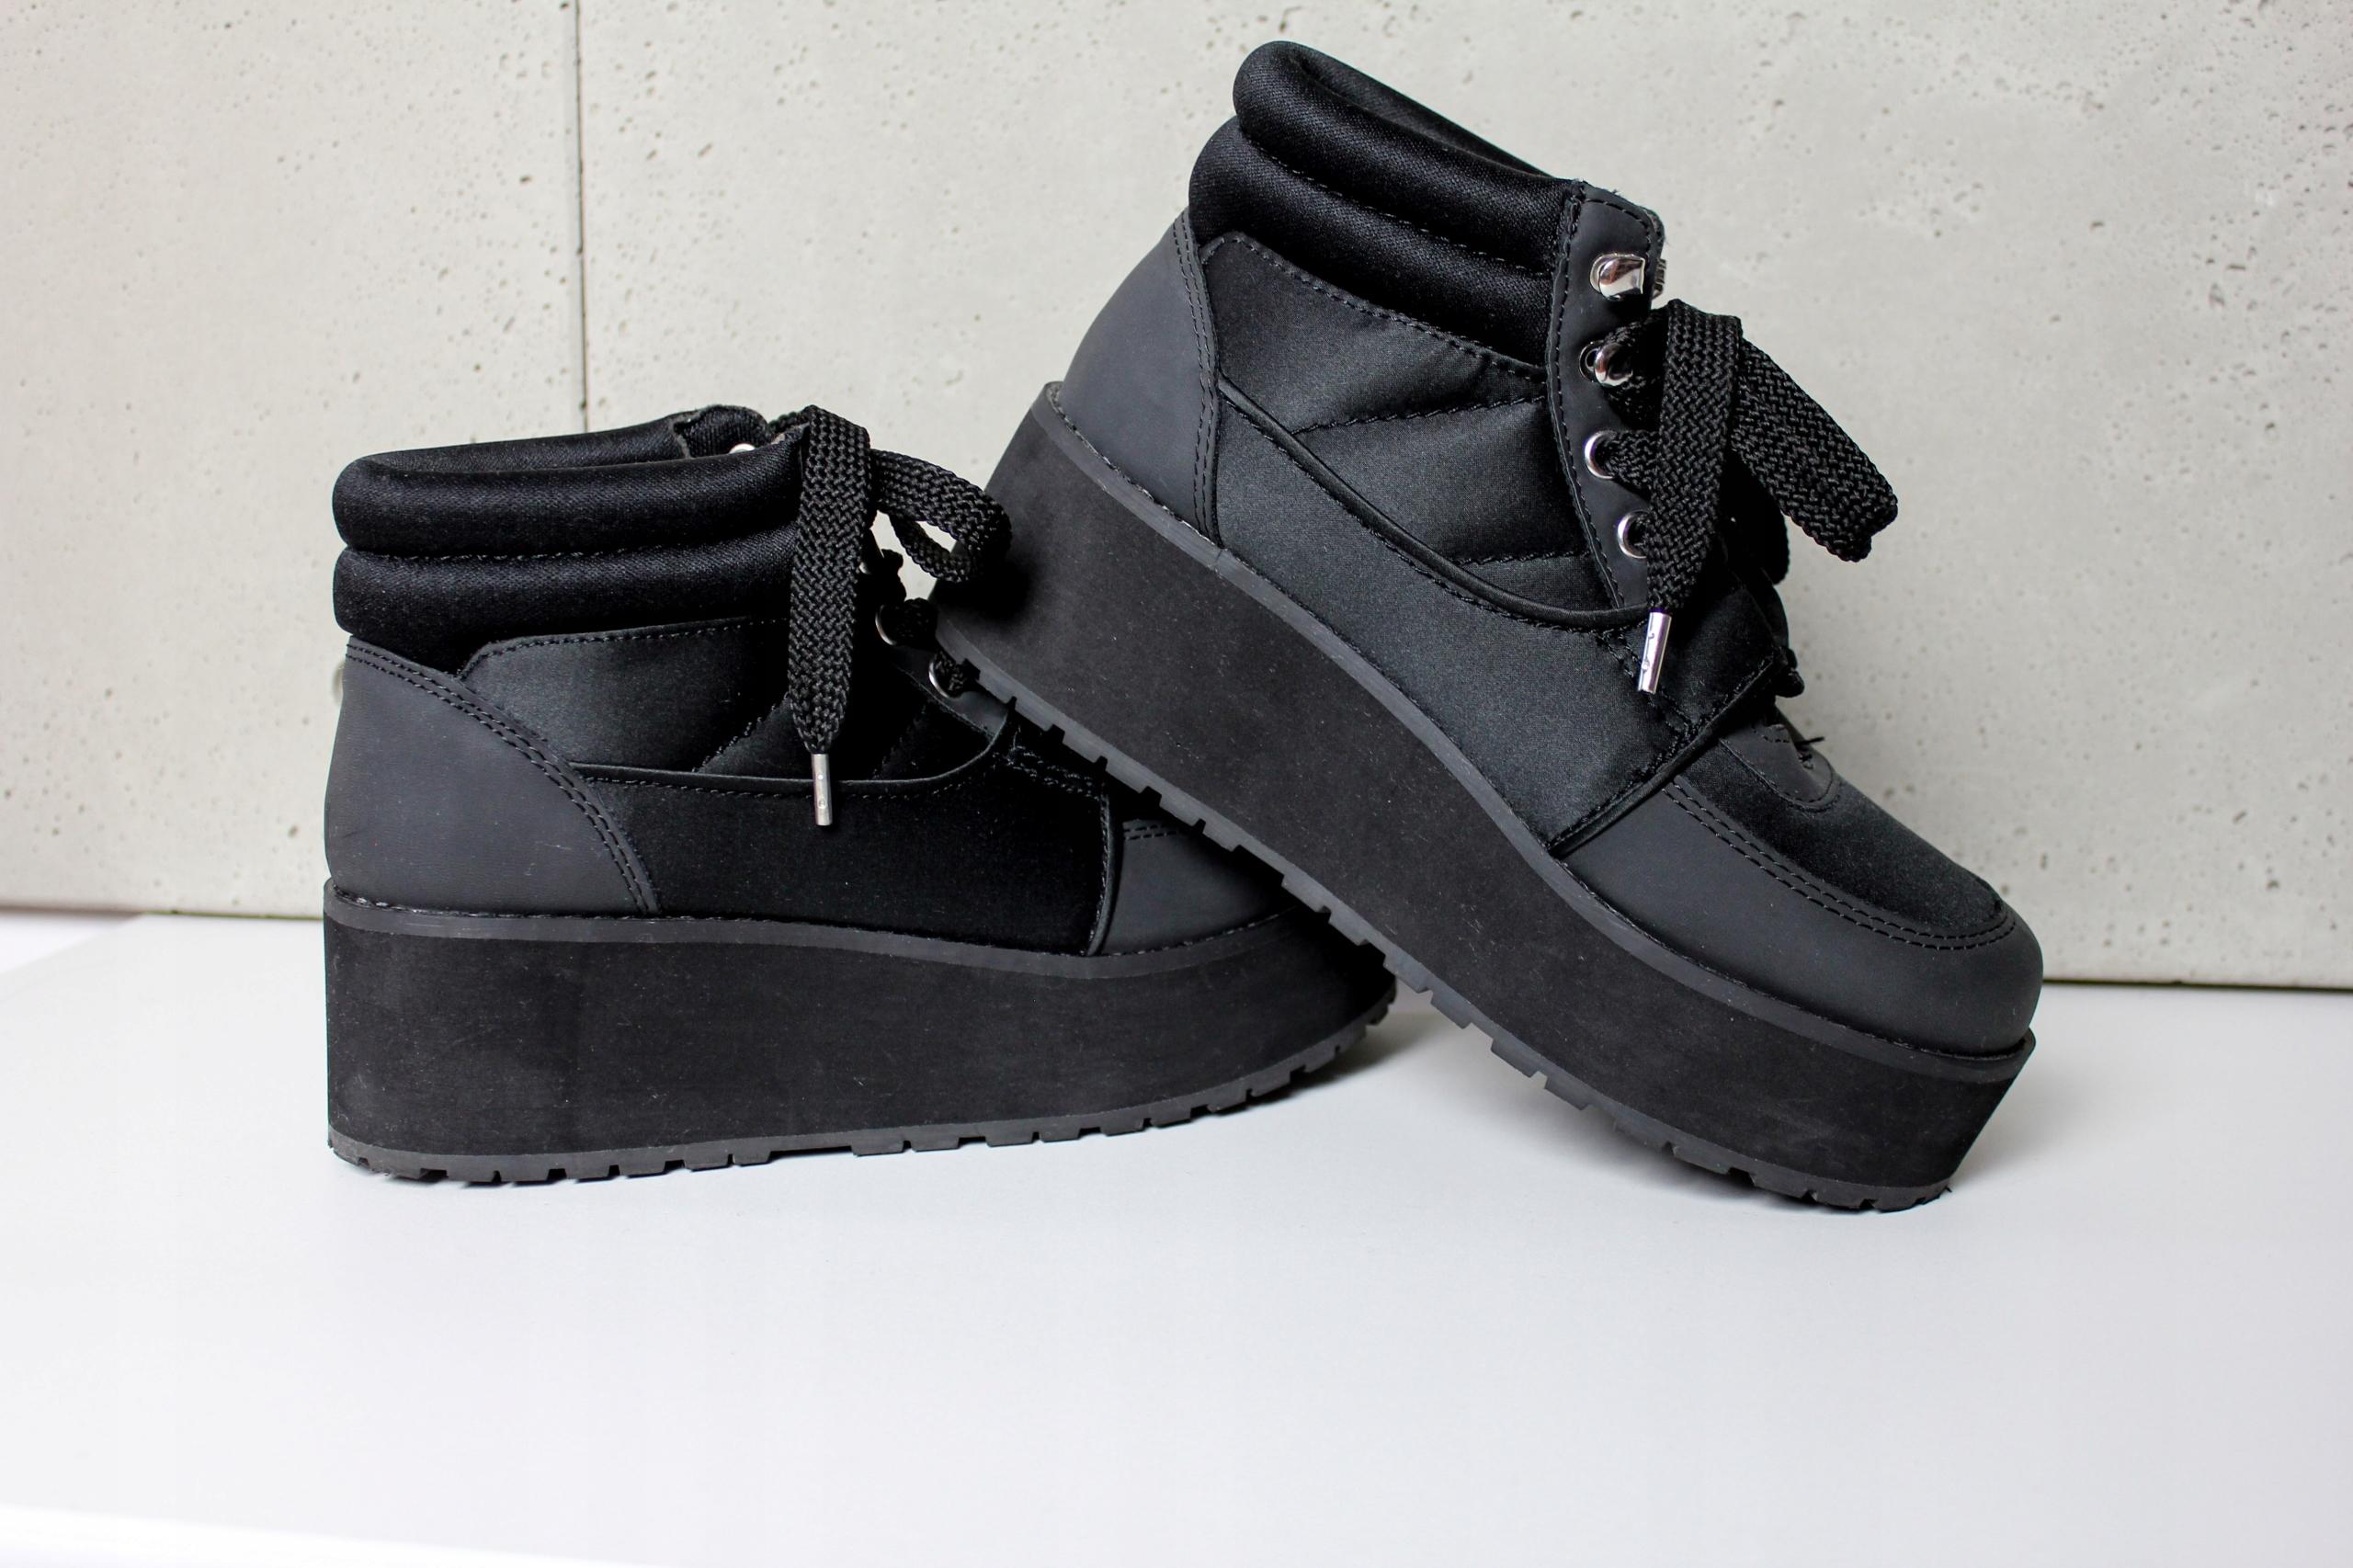 Nowe damskie buty H&M 37 rozm.